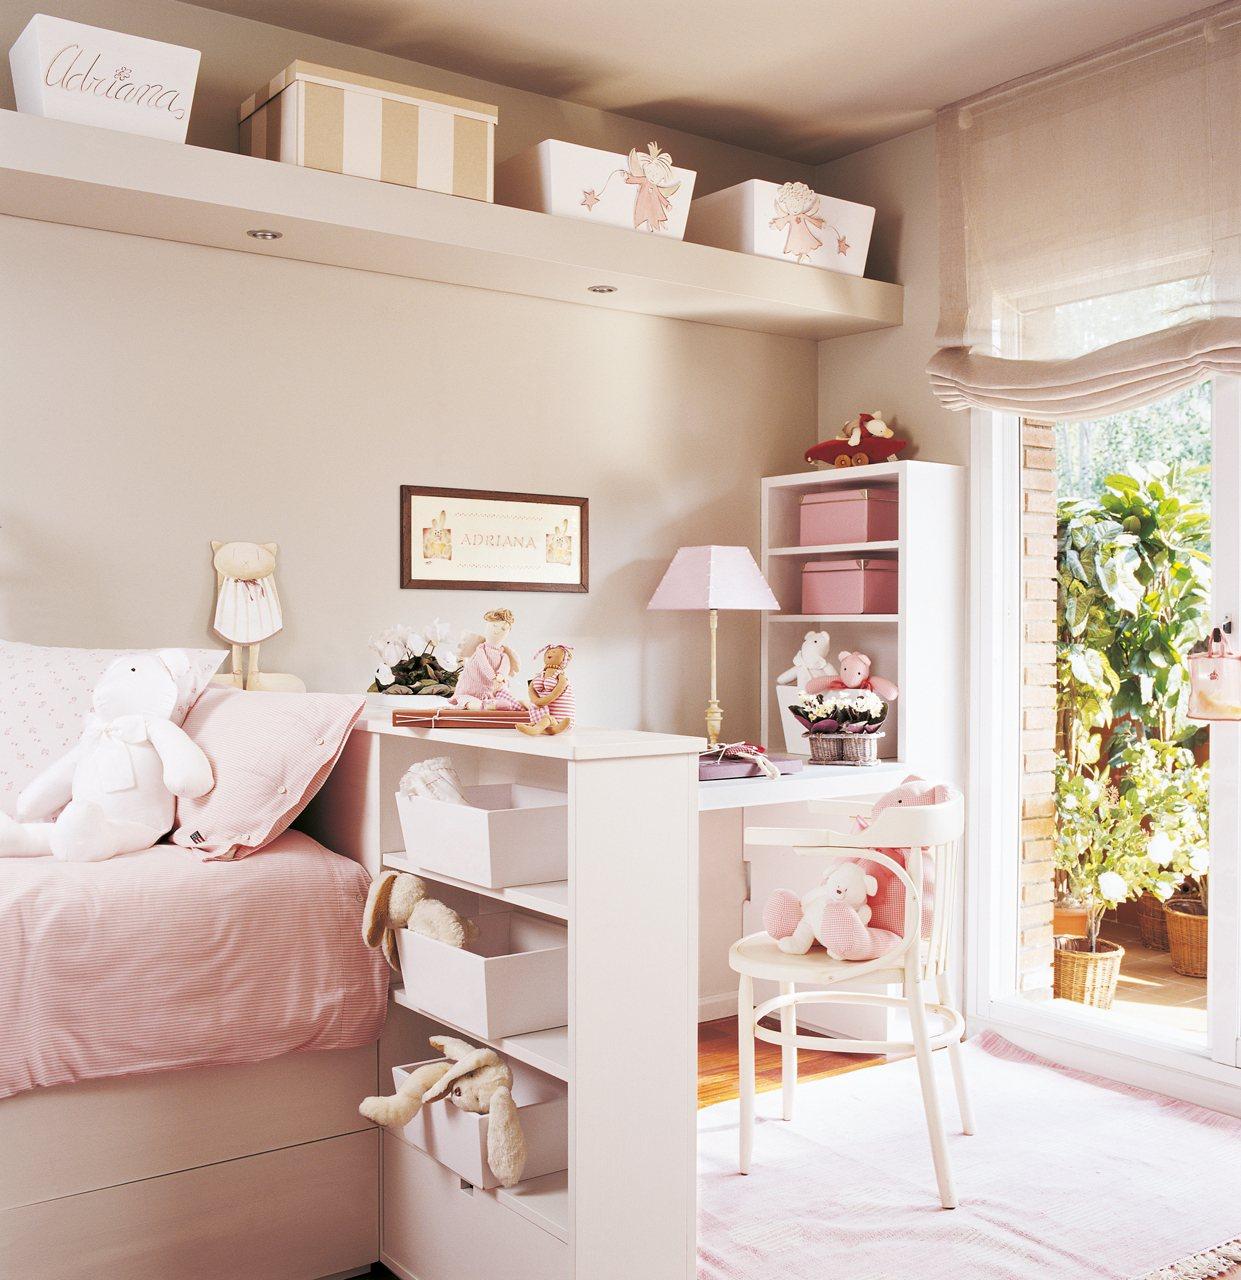 Dormitorios infantiles peque os s cales partido - El mueble decoracion dormitorios ...